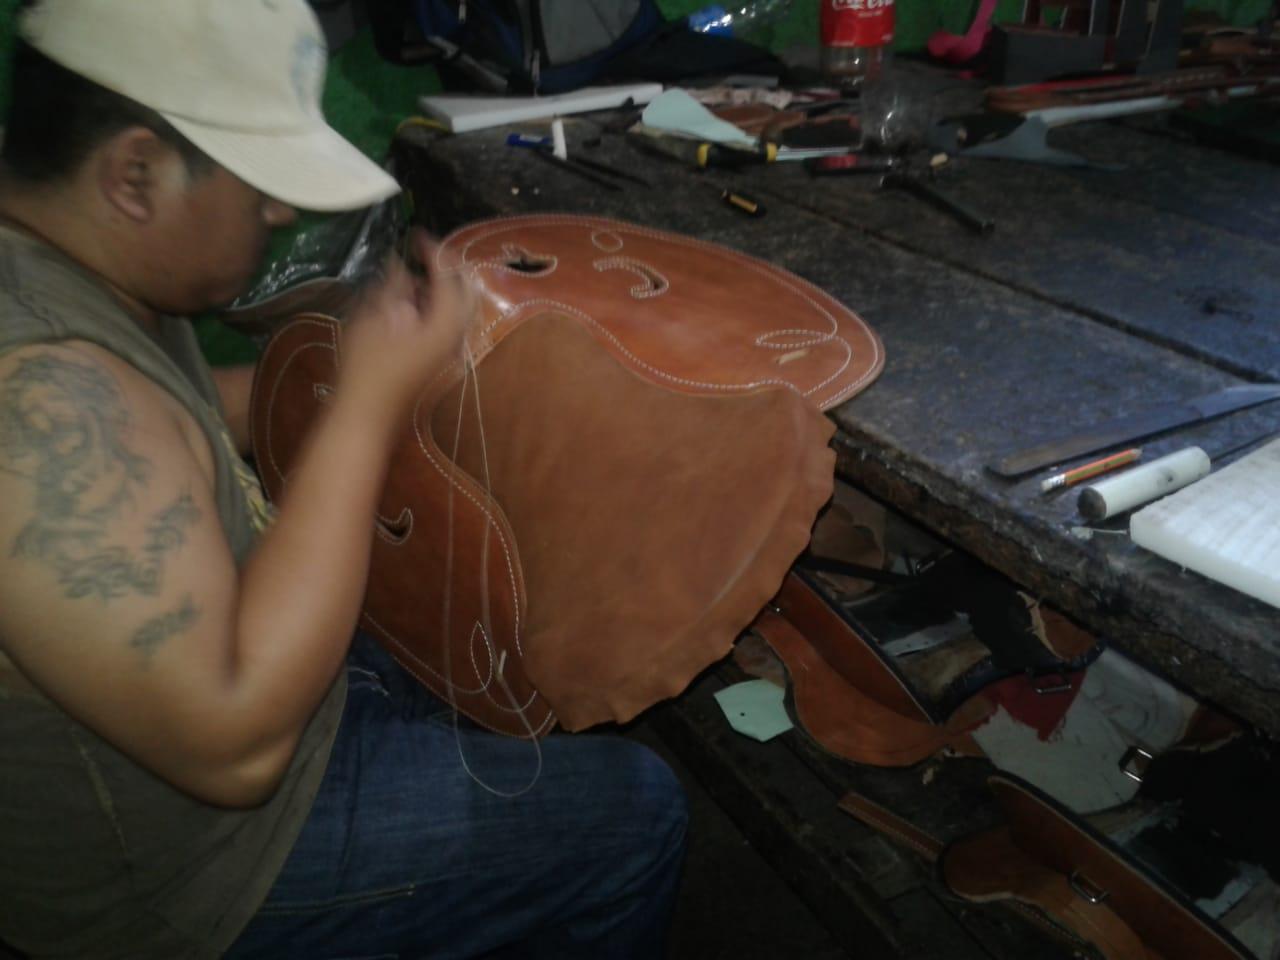 Artesanos de cuero, en Masaya, están seriamente golpeados por la crisis y el miedo. Foto: N. Miranda.